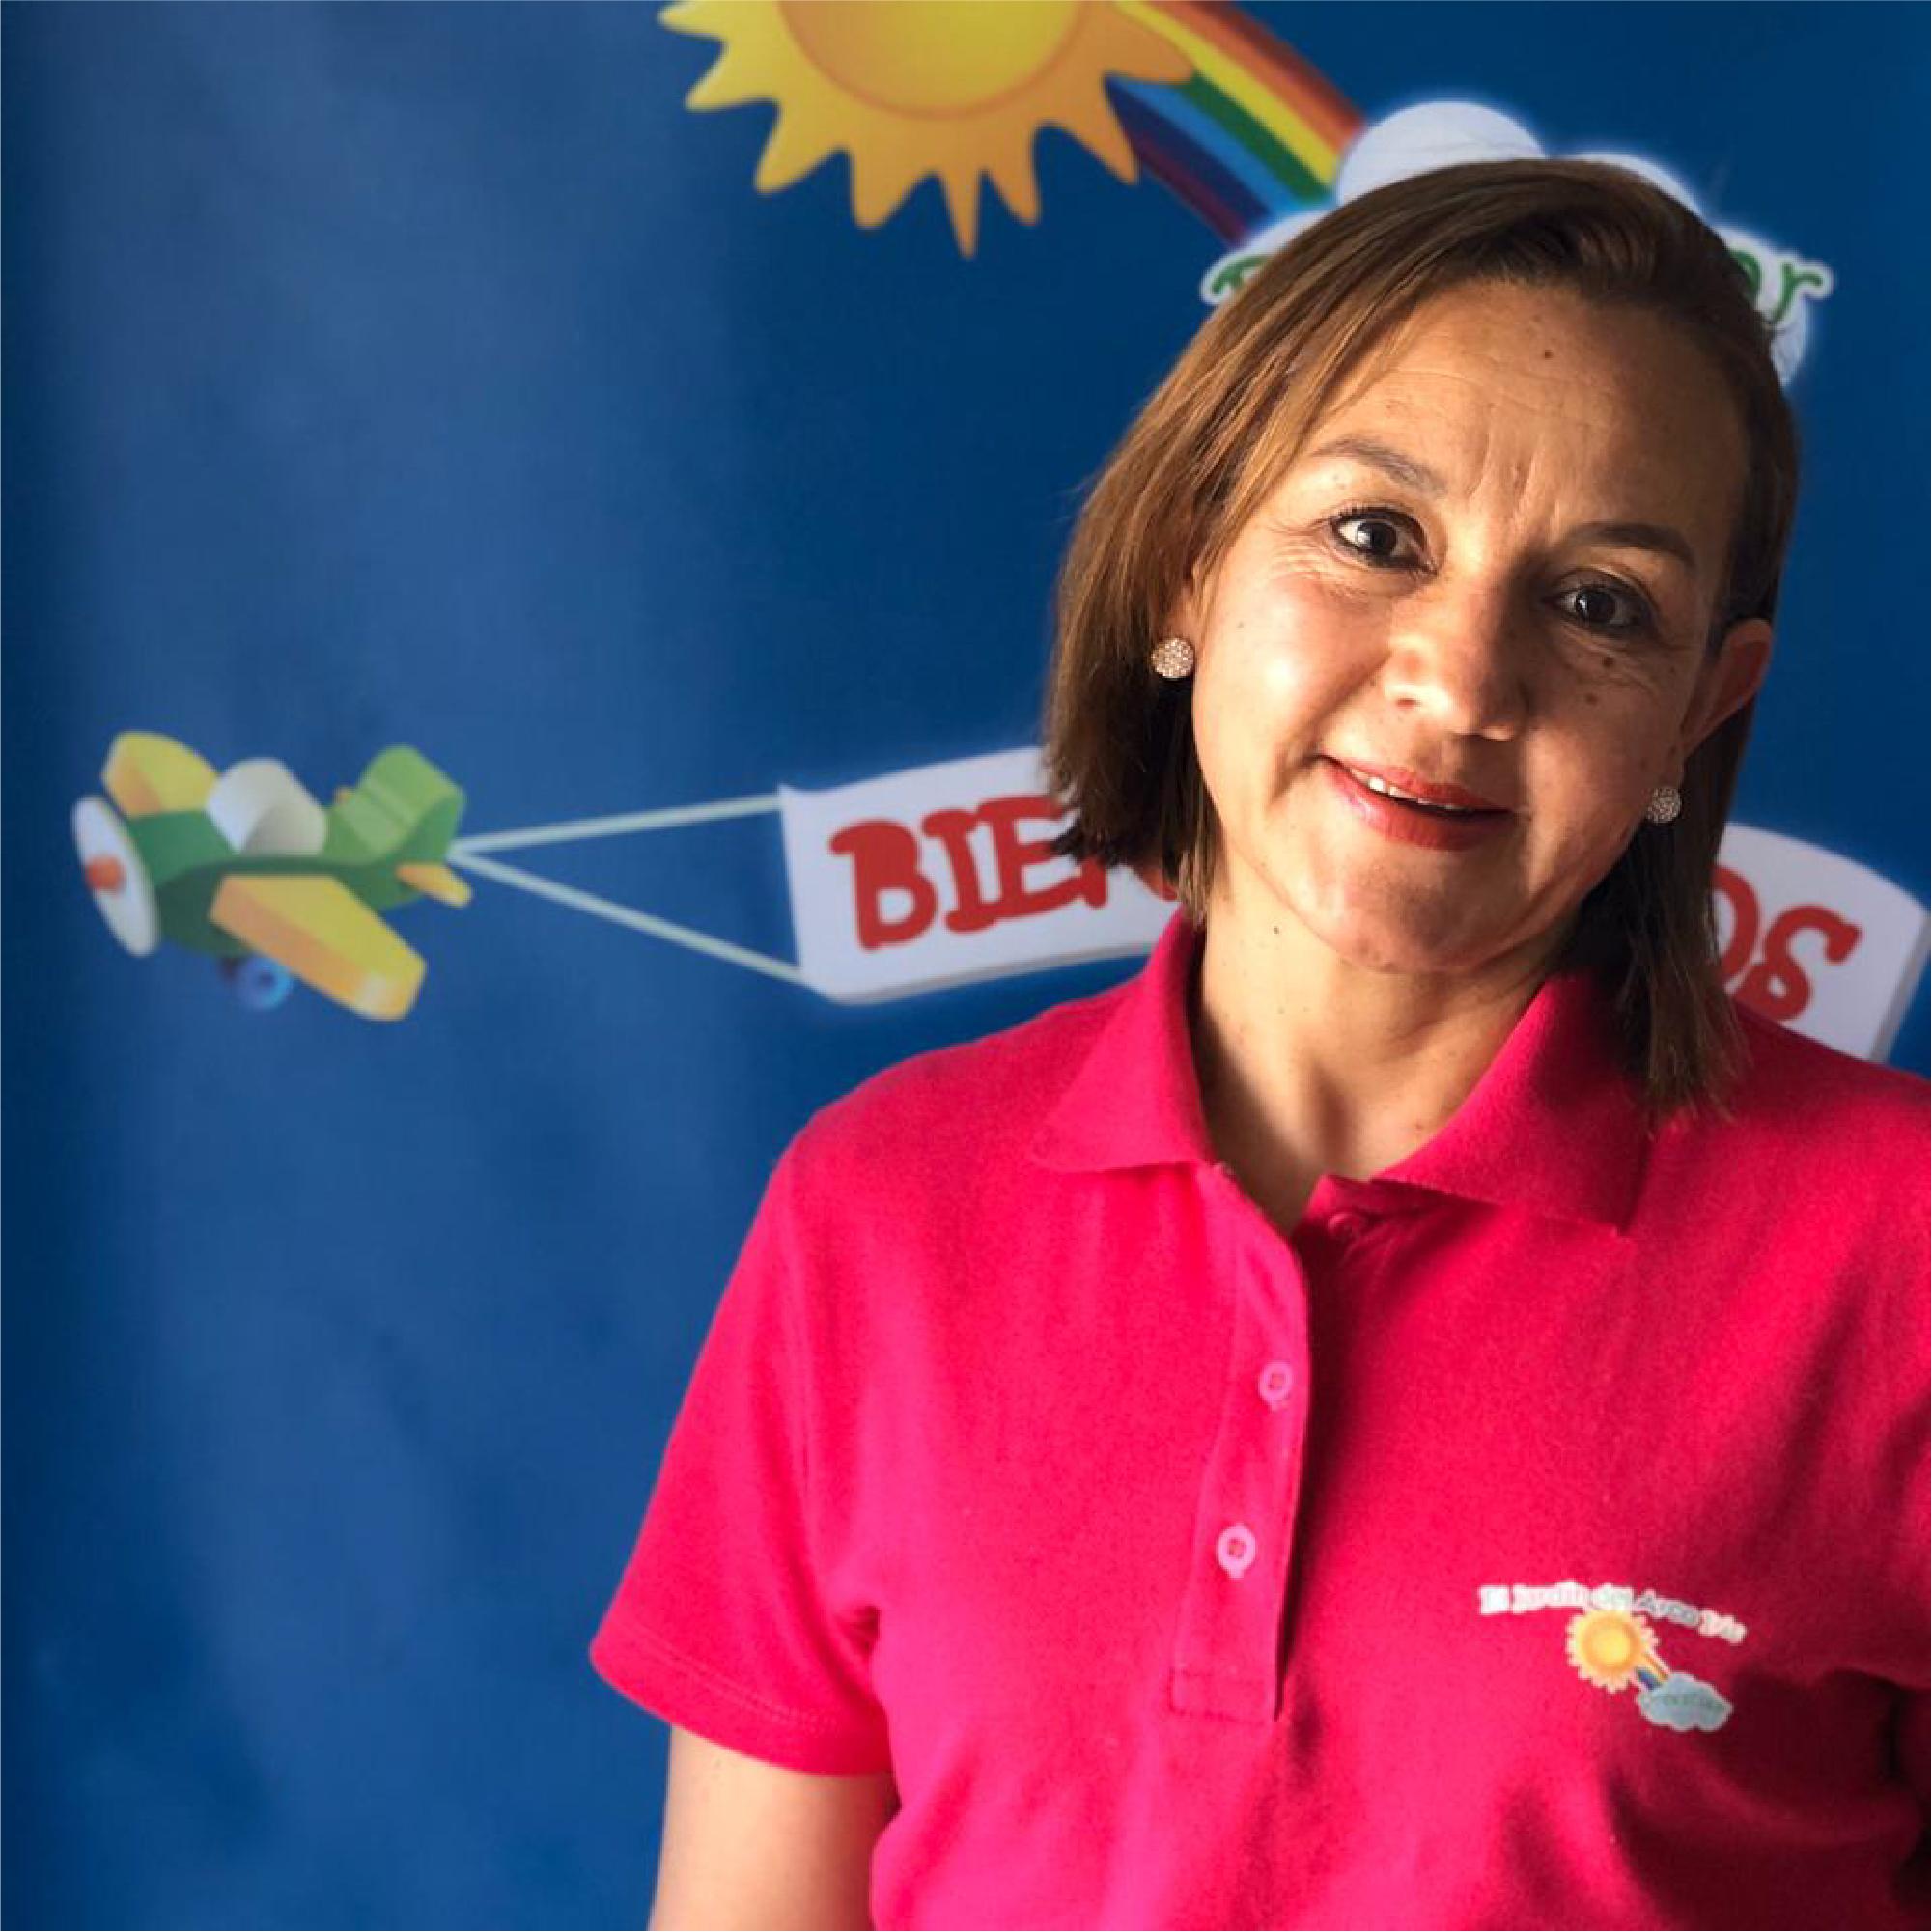 Elizabeth-Urrego